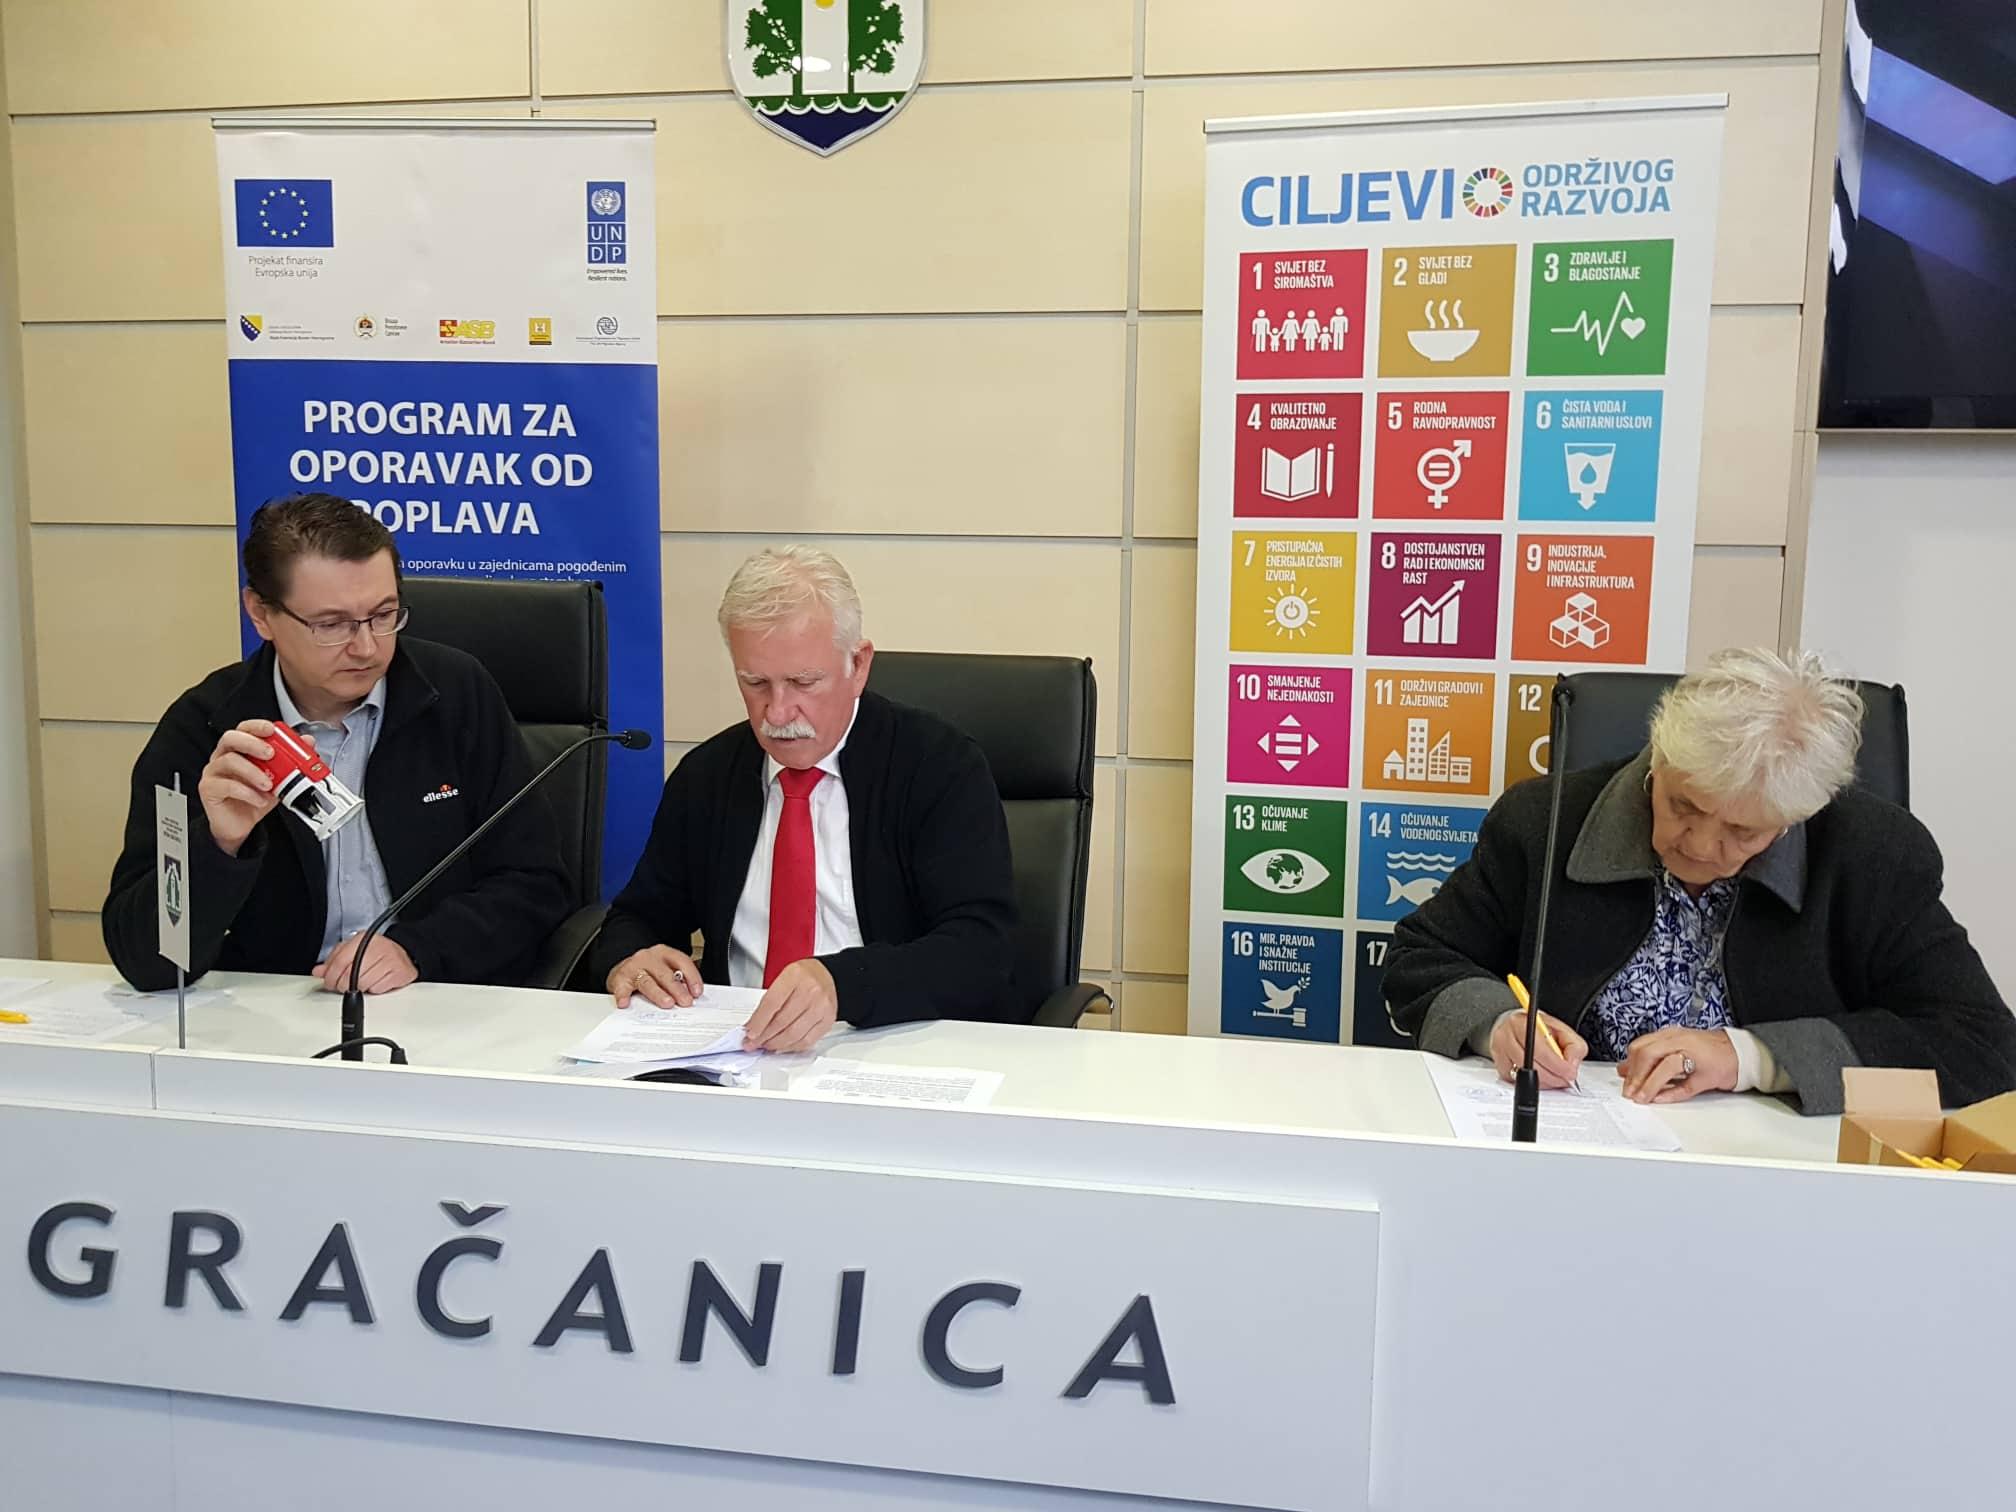 """Potpisani ugovori za izgradnju i sanaciju objekata u okviru projekta """"Oporavak od poplava"""""""